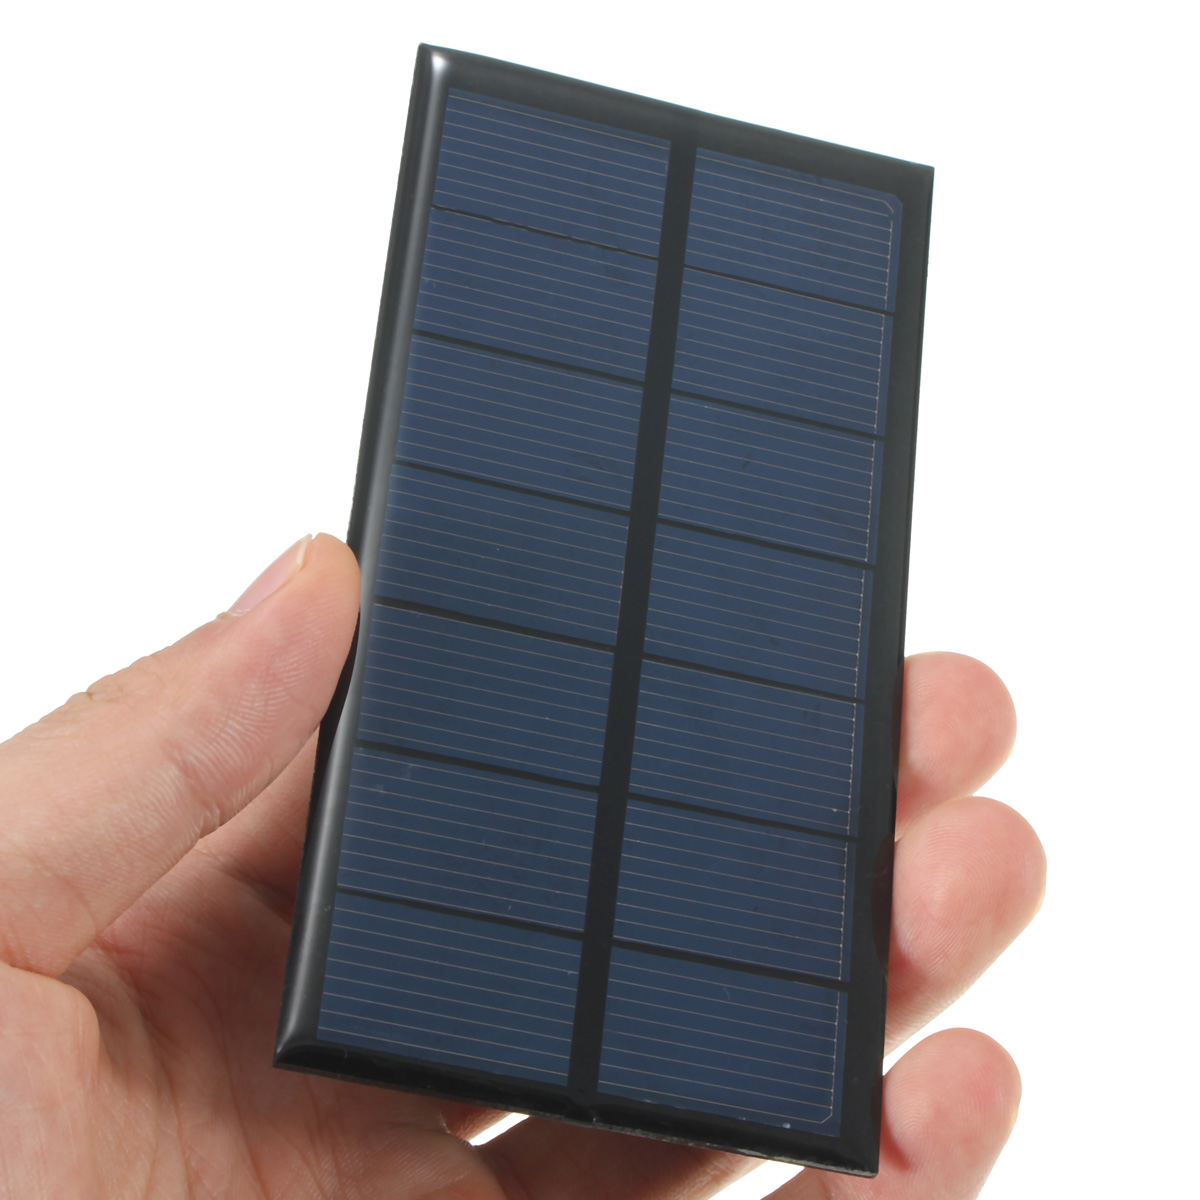 Pannello Solare Hermann : Molti tipi pannello solare fotovoltaico ideale for auto